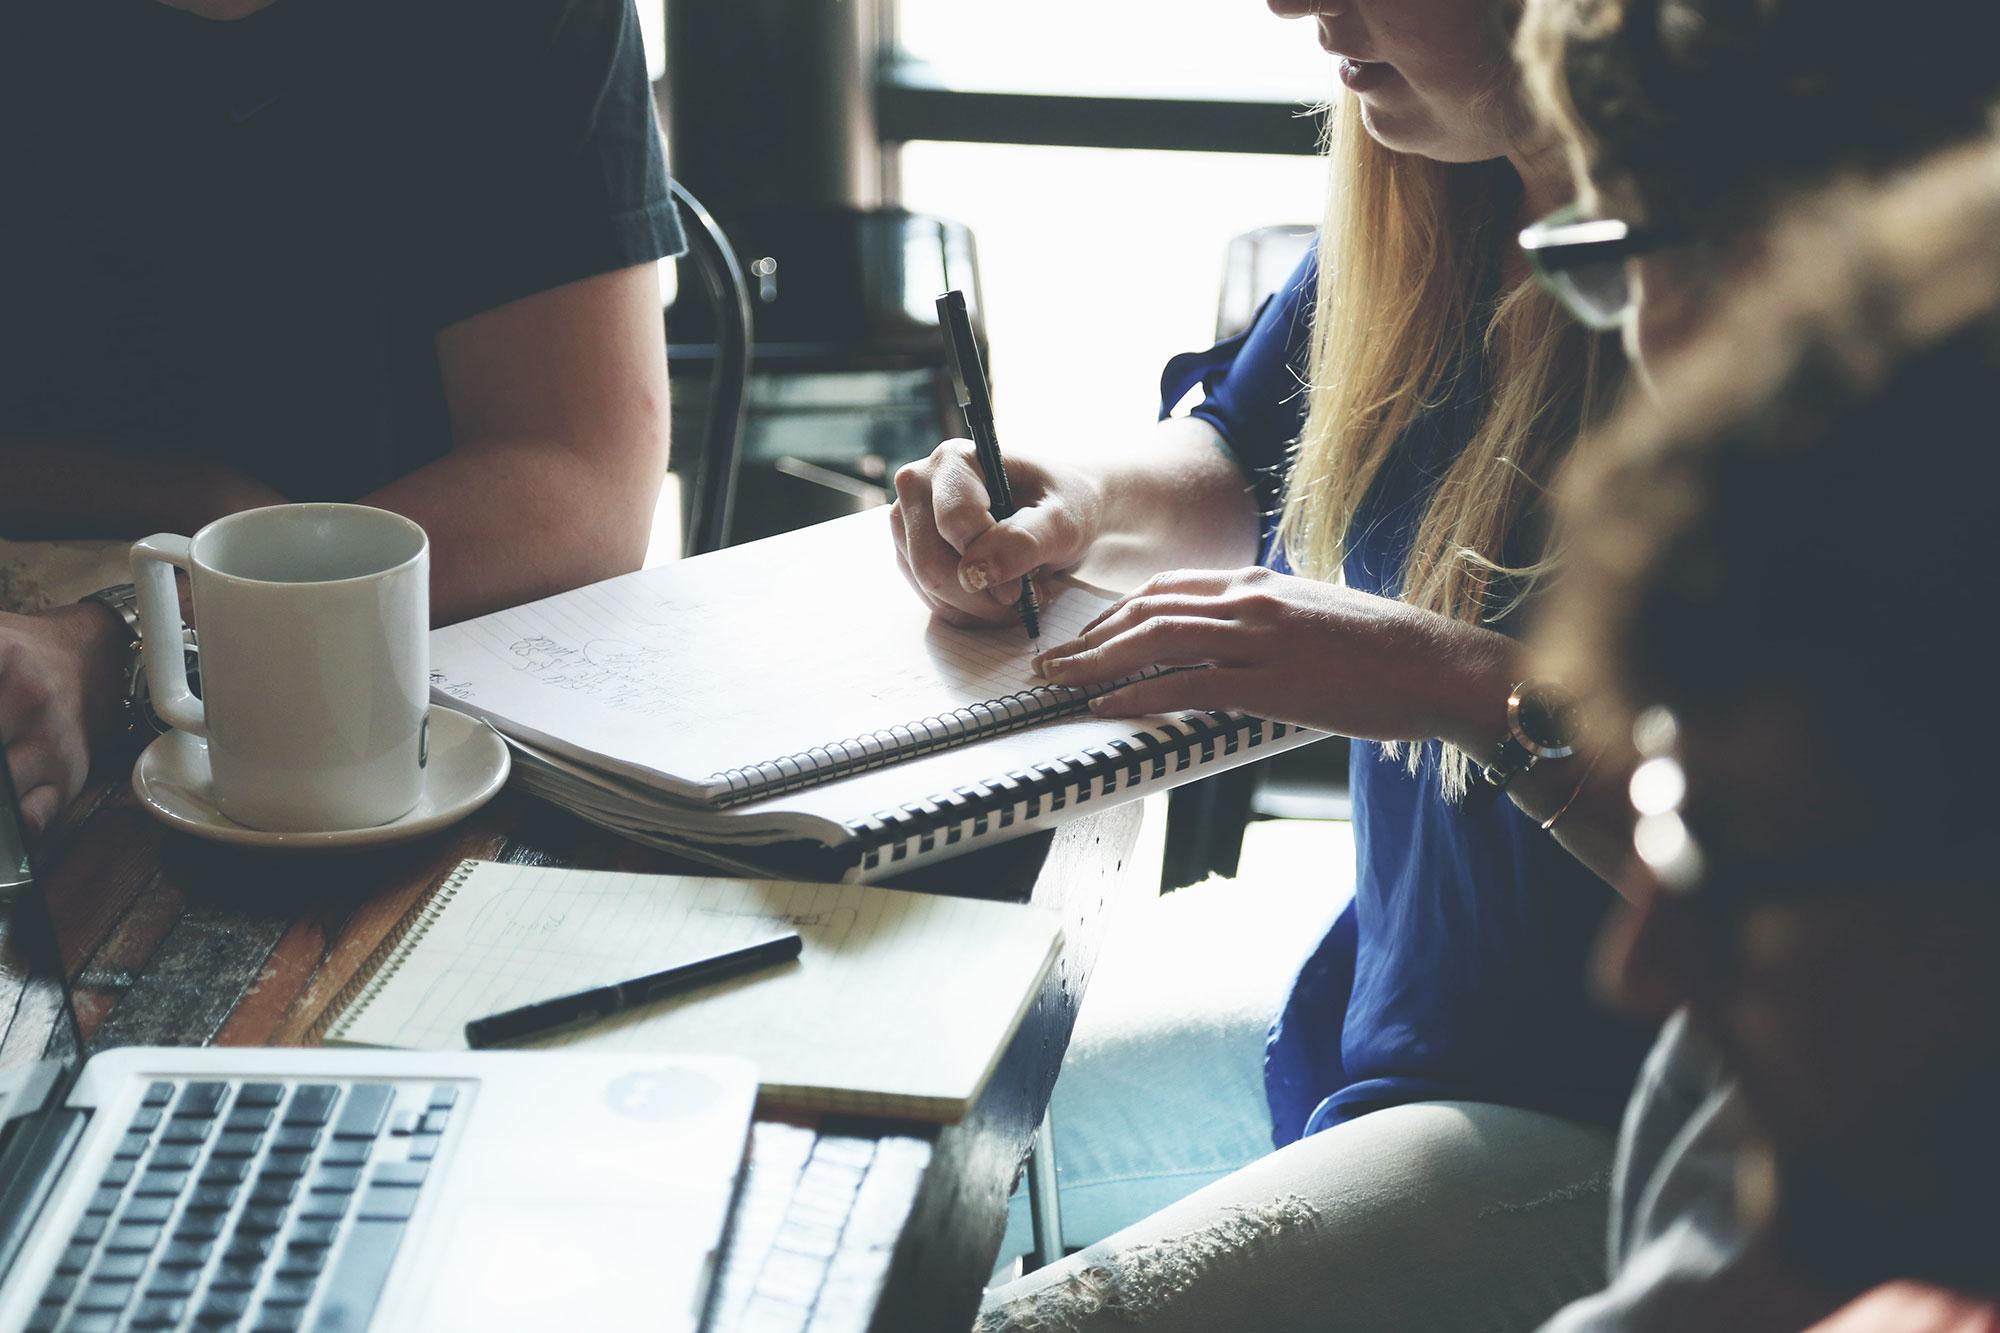 Talent Juice - Cómo ser más productiva trabajando menos